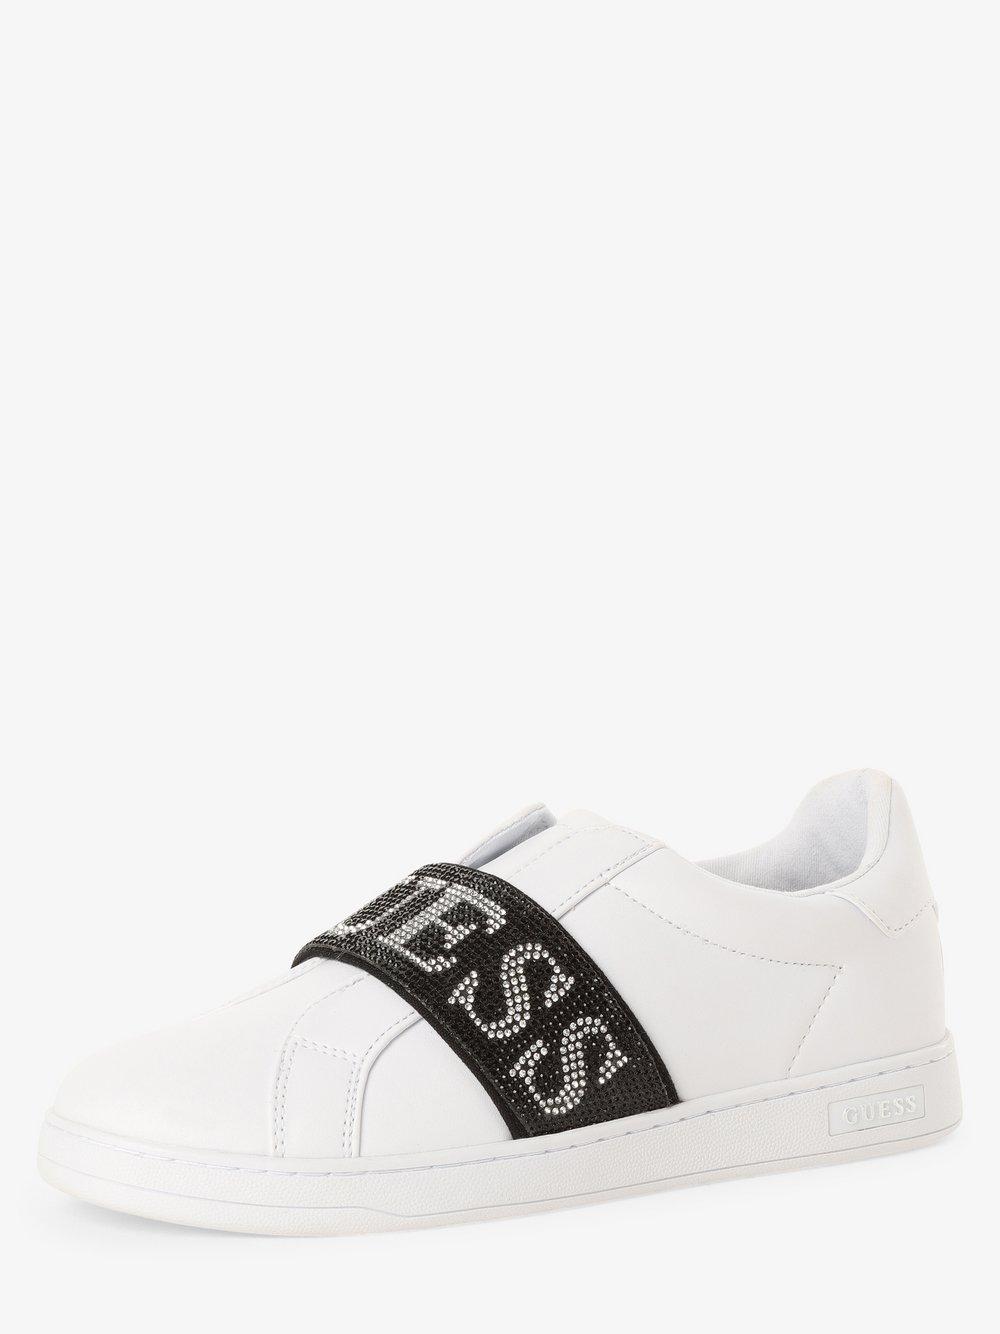 Guess Jeans - Tenisówki damskie, biały